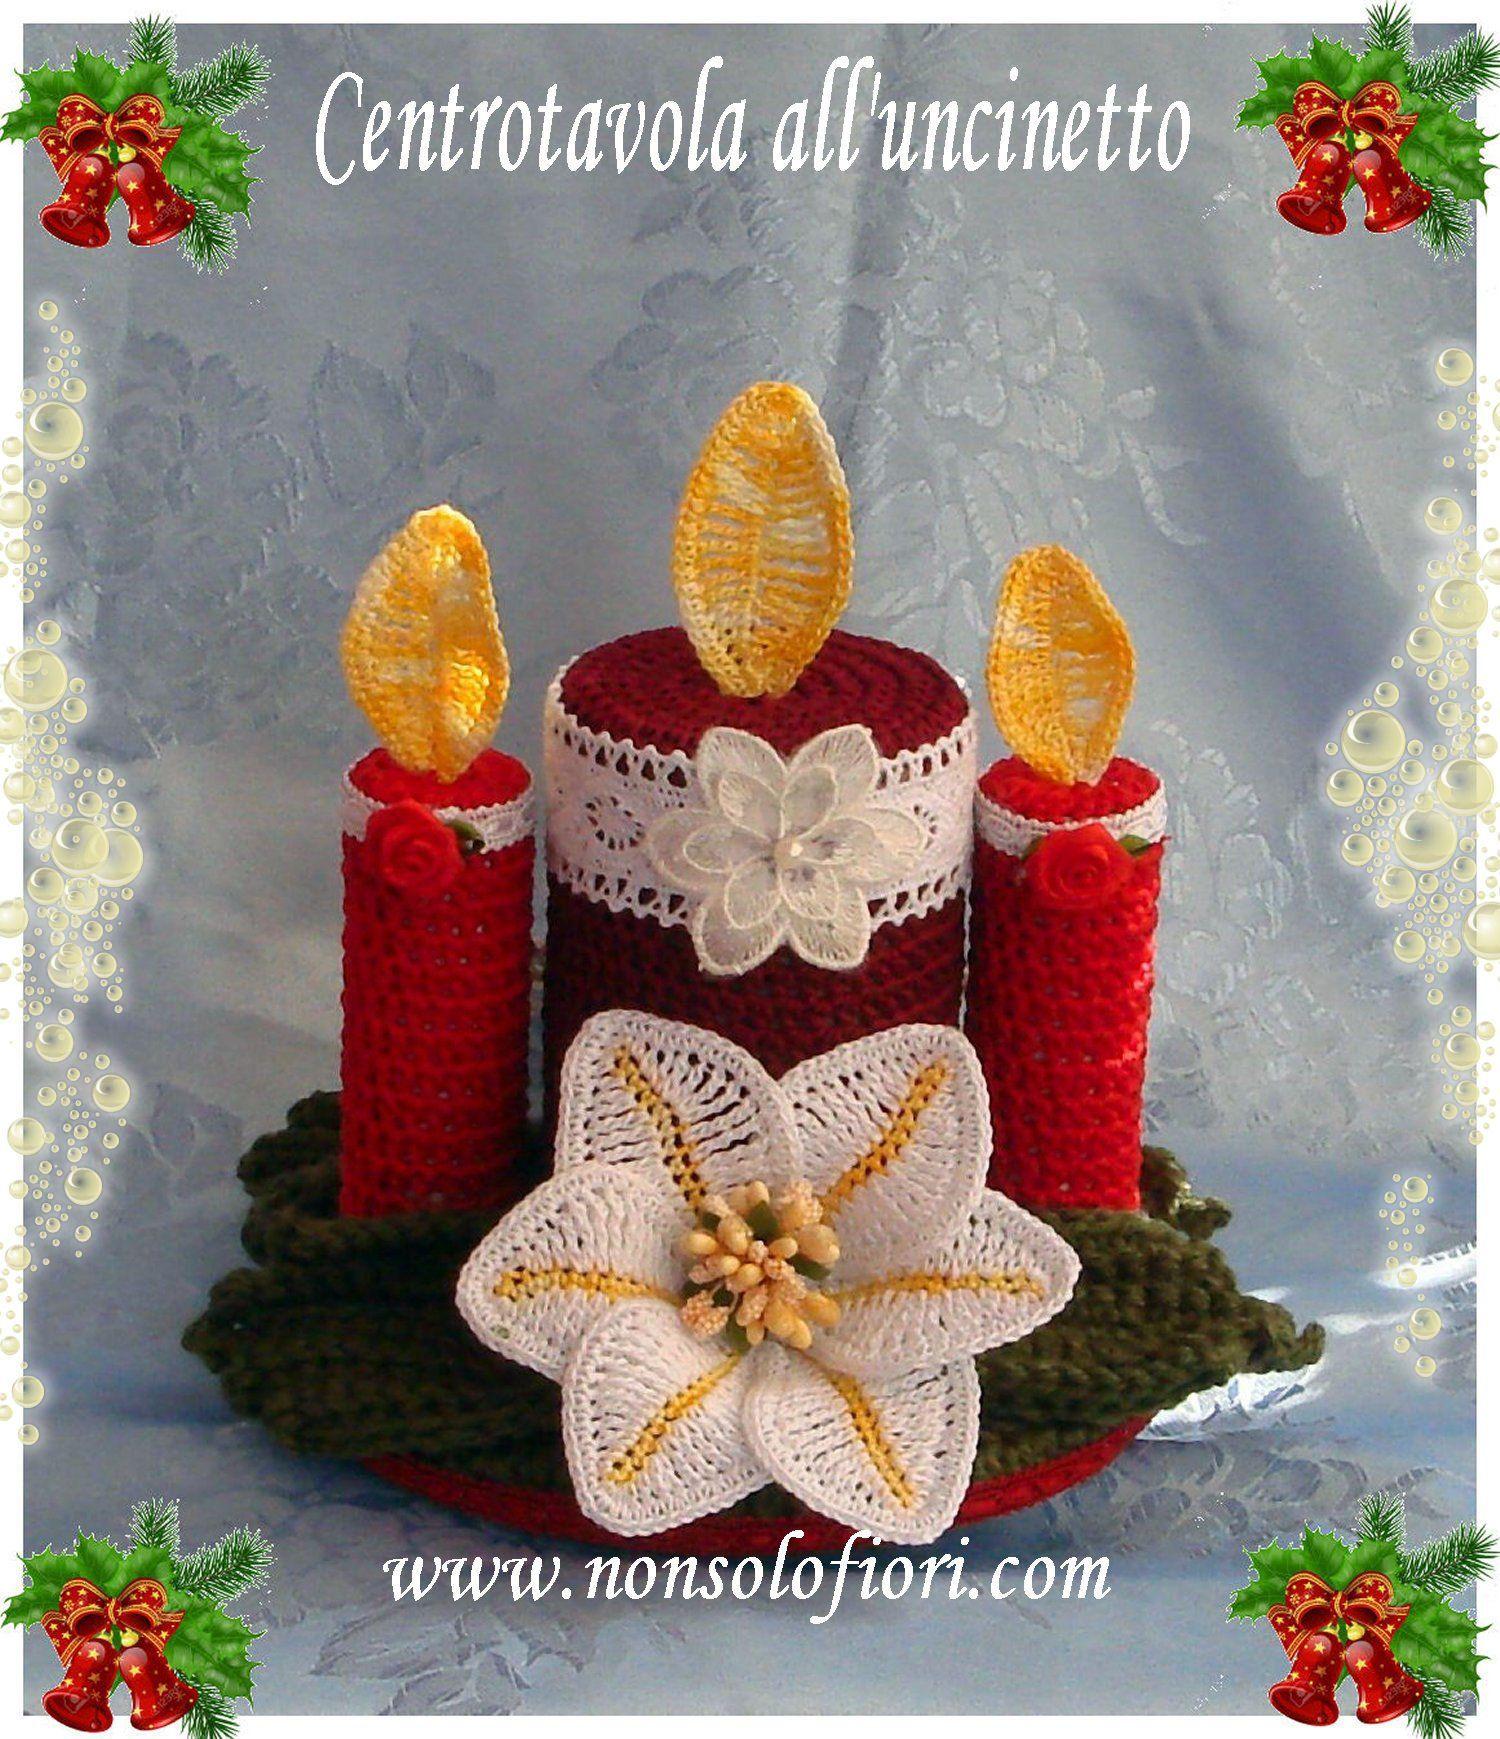 Centrotavola Natalizi Alluncinetto.Centrotavola Natalizio All Uncinetto Con Gigli E Ceri Crochet 6